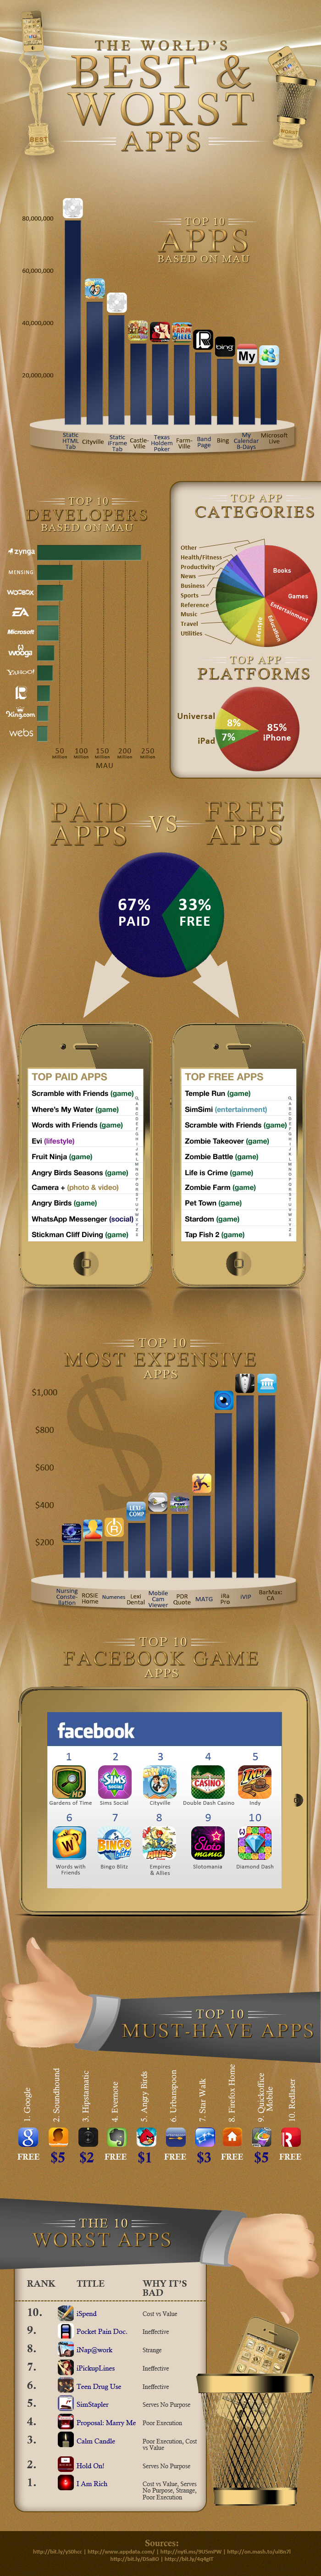 las mejores y peores apps